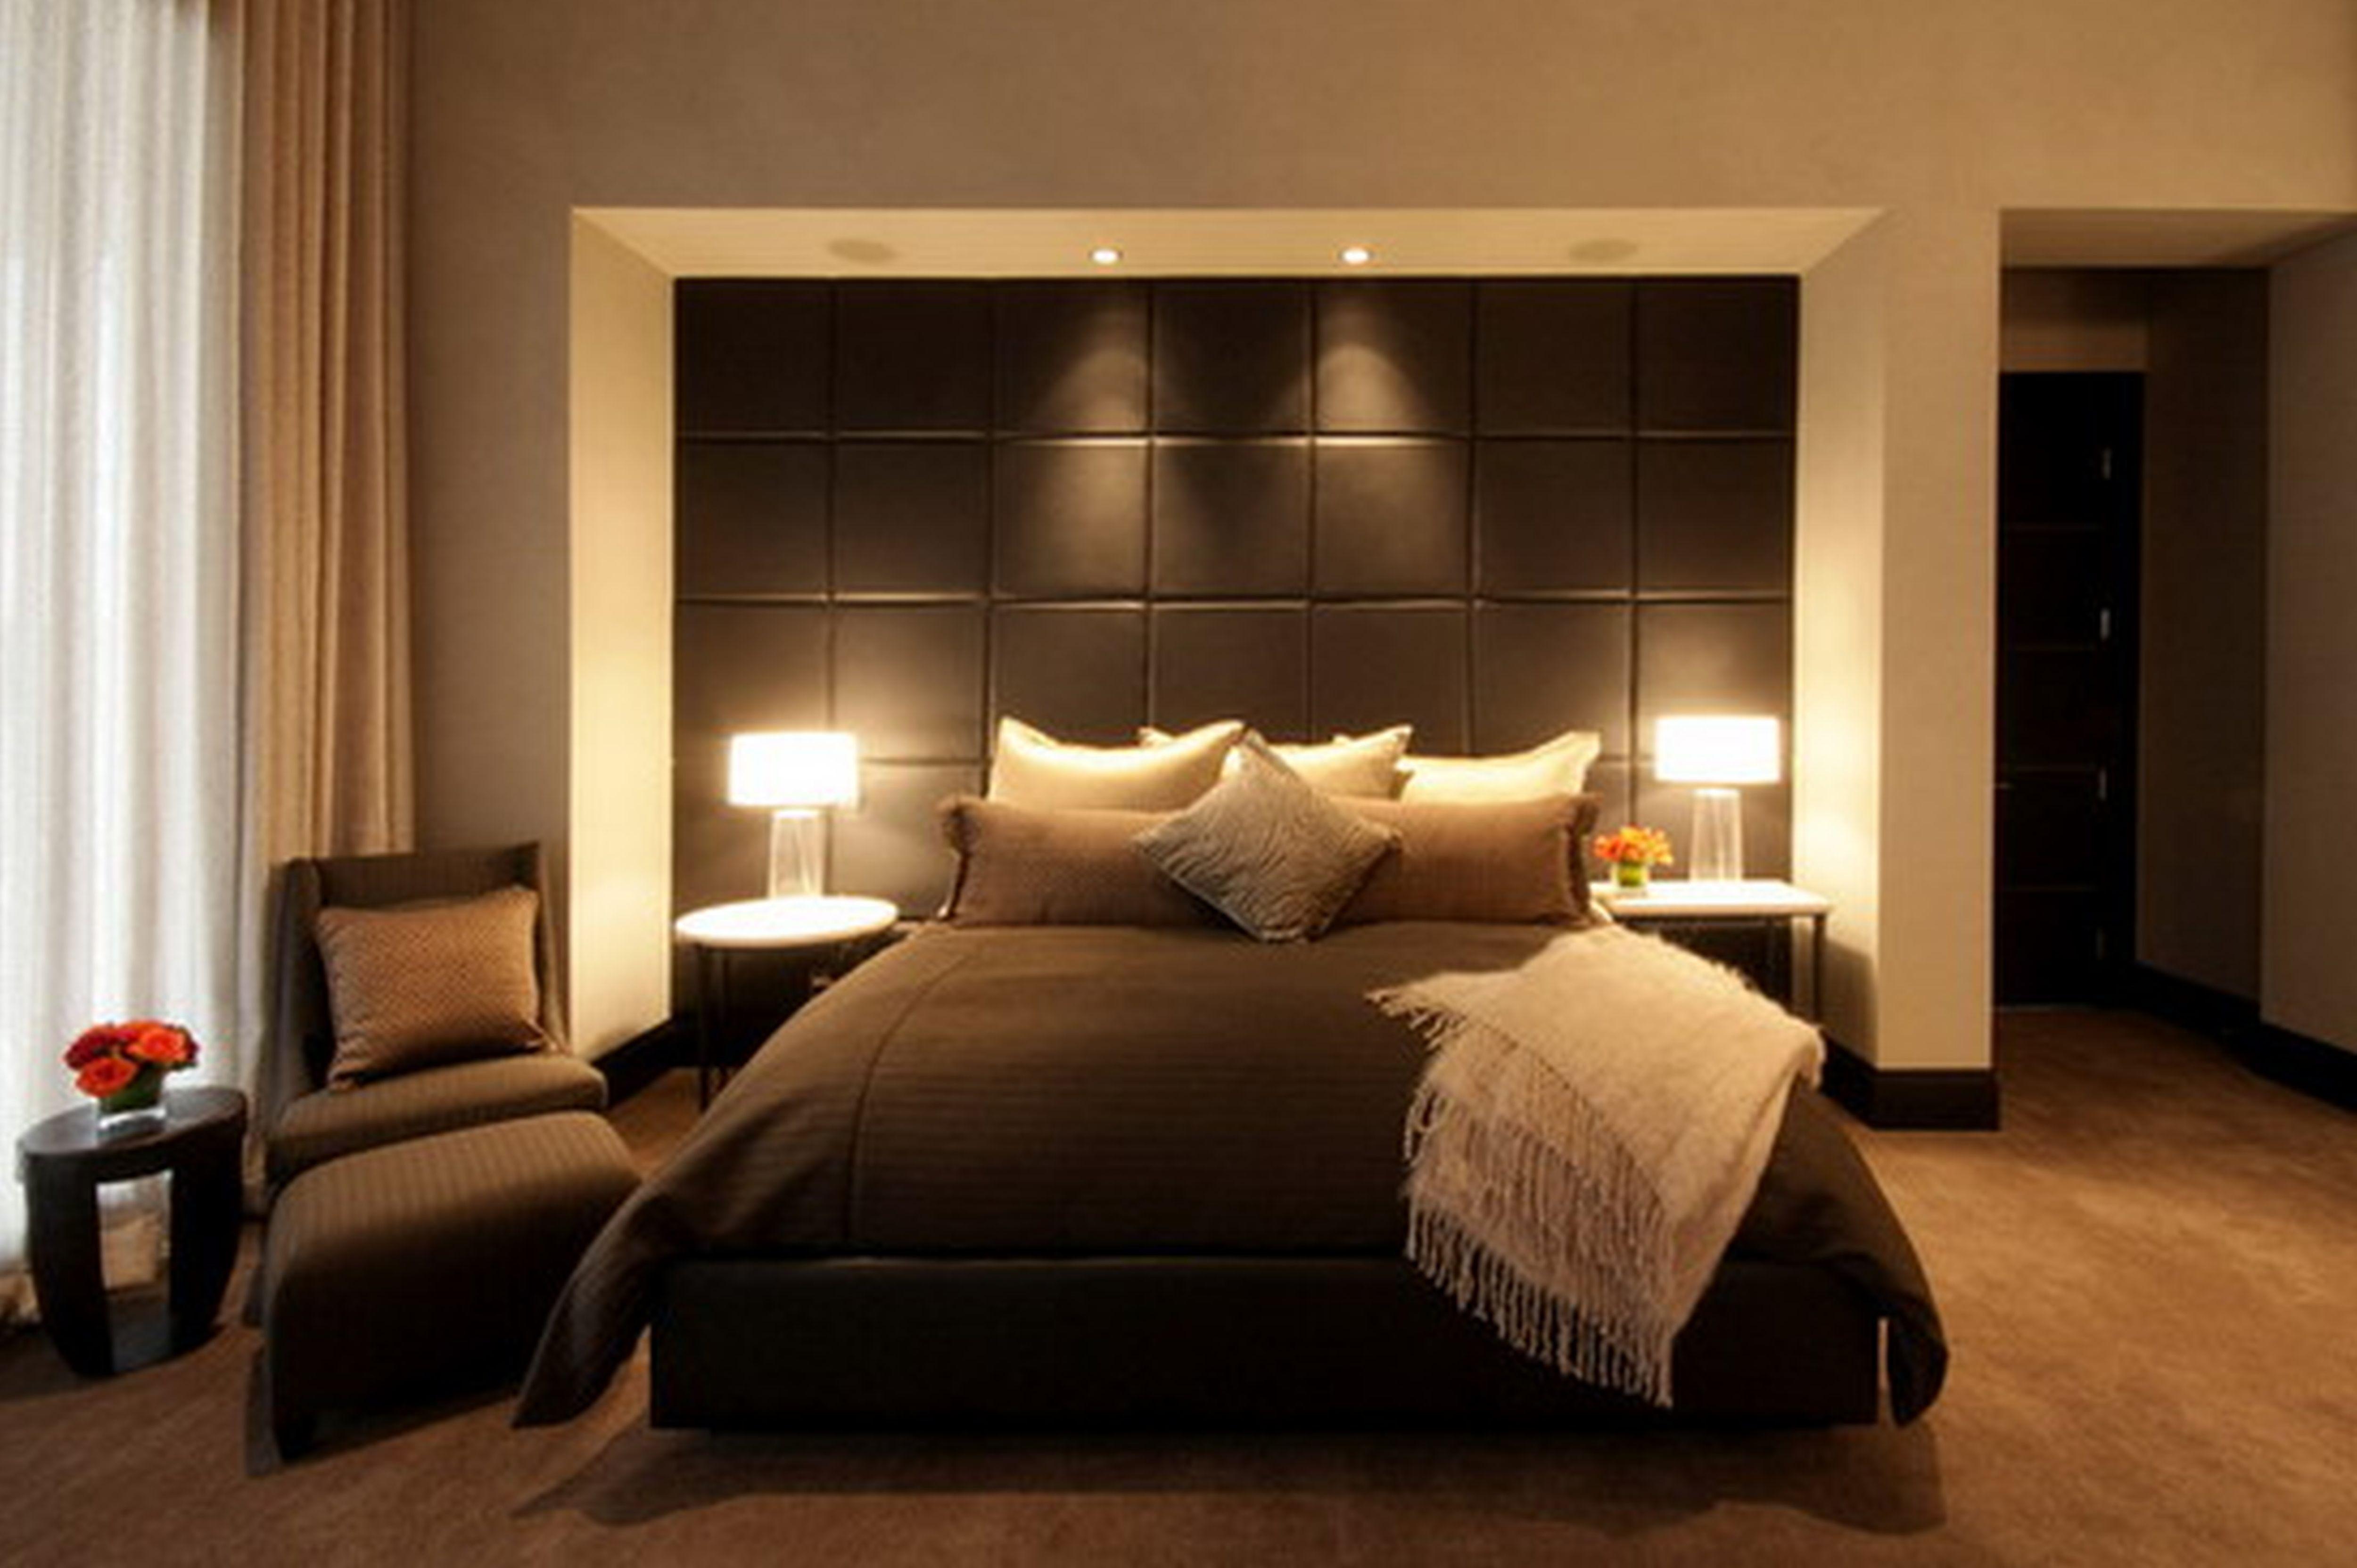 Master bedroom furniture furniture light grey wall paint master bedroom furniture furniture light grey wall paint decoration headboard desk lamp on amipublicfo Images